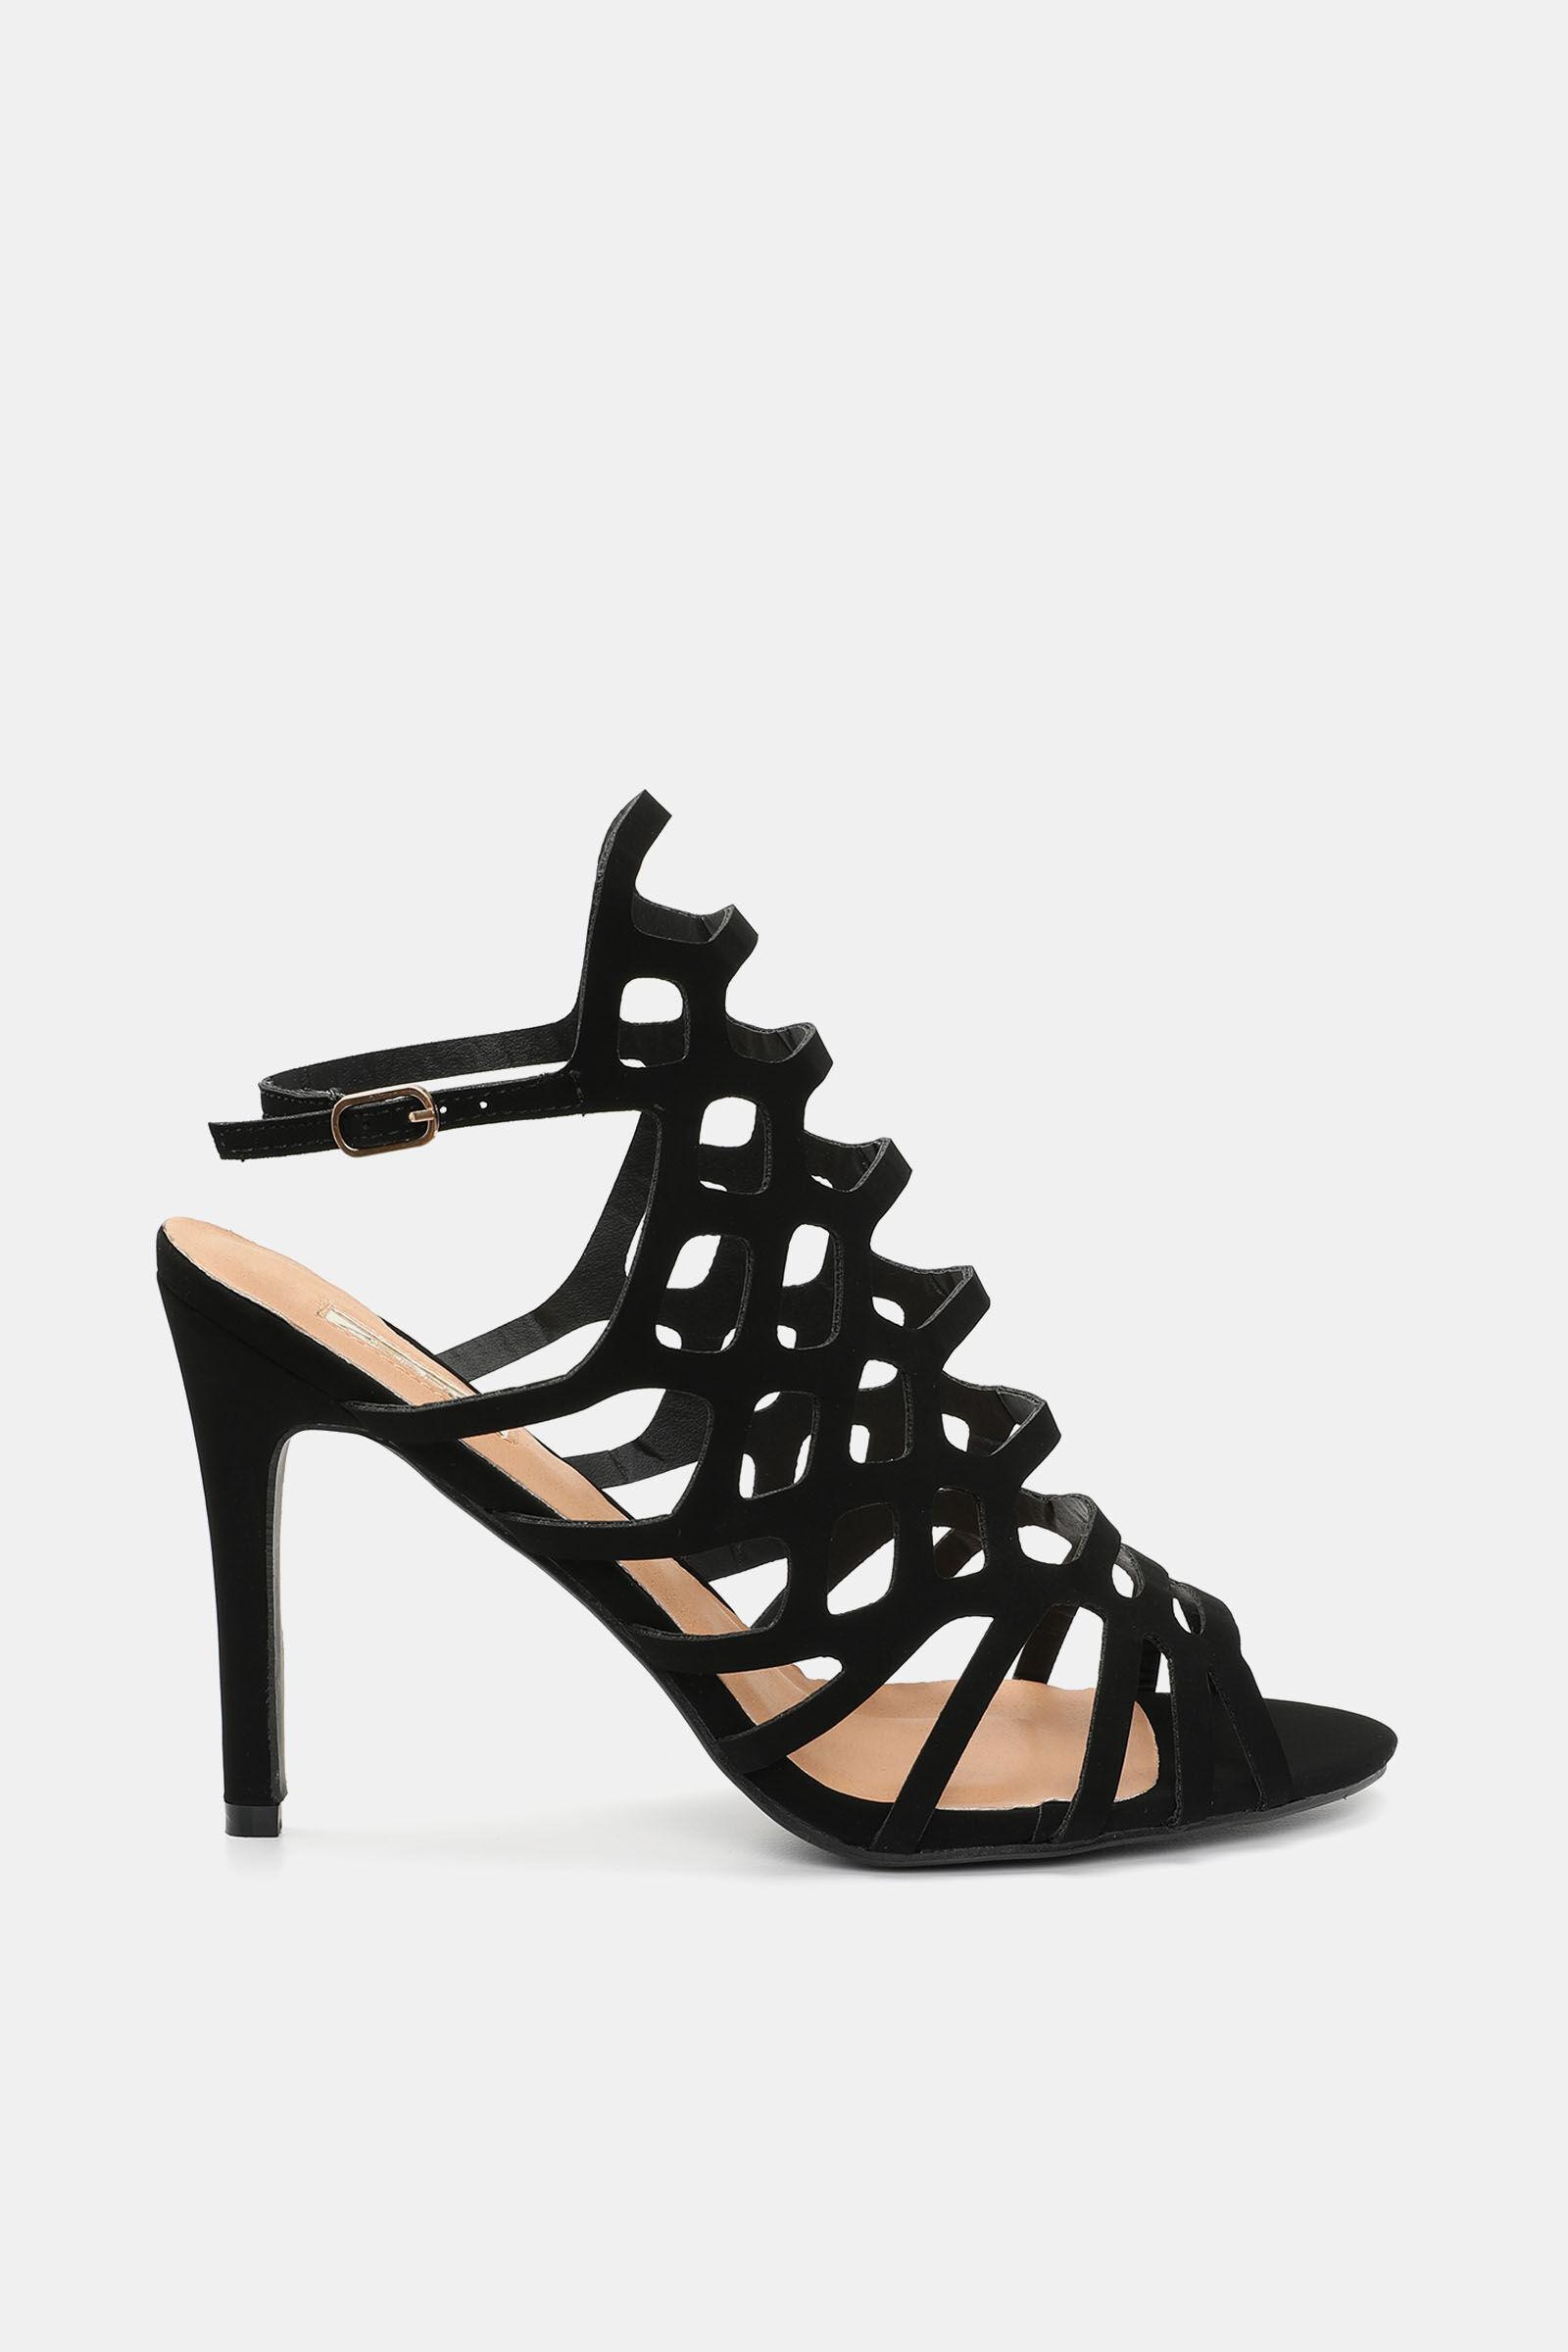 Femmeardène Pour Femmeardène Escarpins Pour Femmeardène Chaussures Escarpins Chaussures Chaussures QhdrxtsC